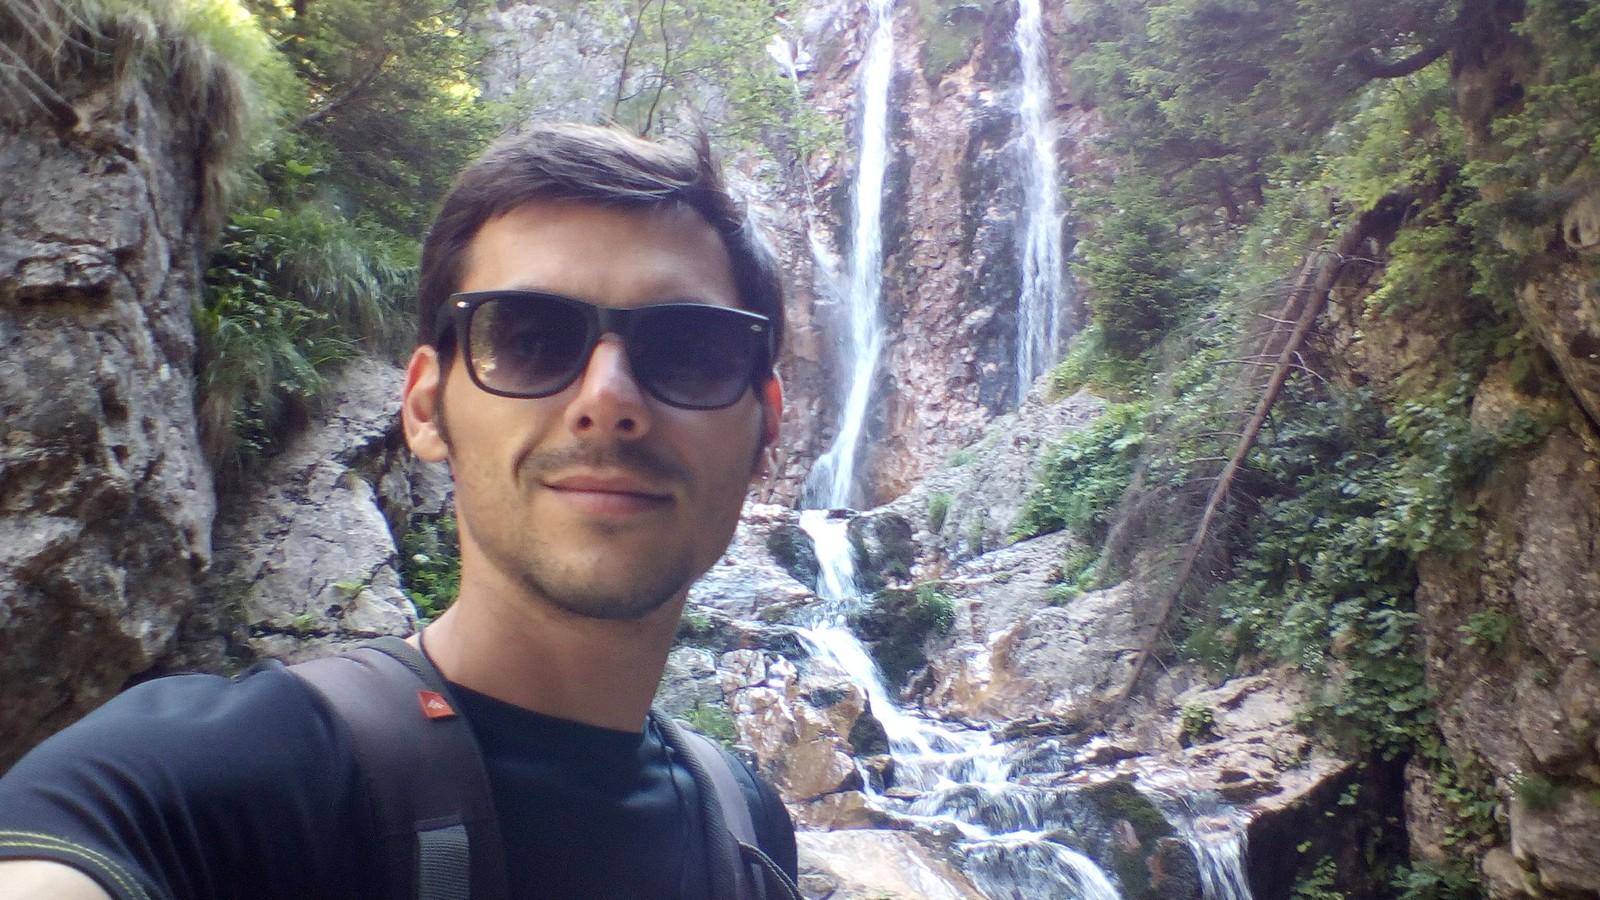 La cascada Moara Dracului.